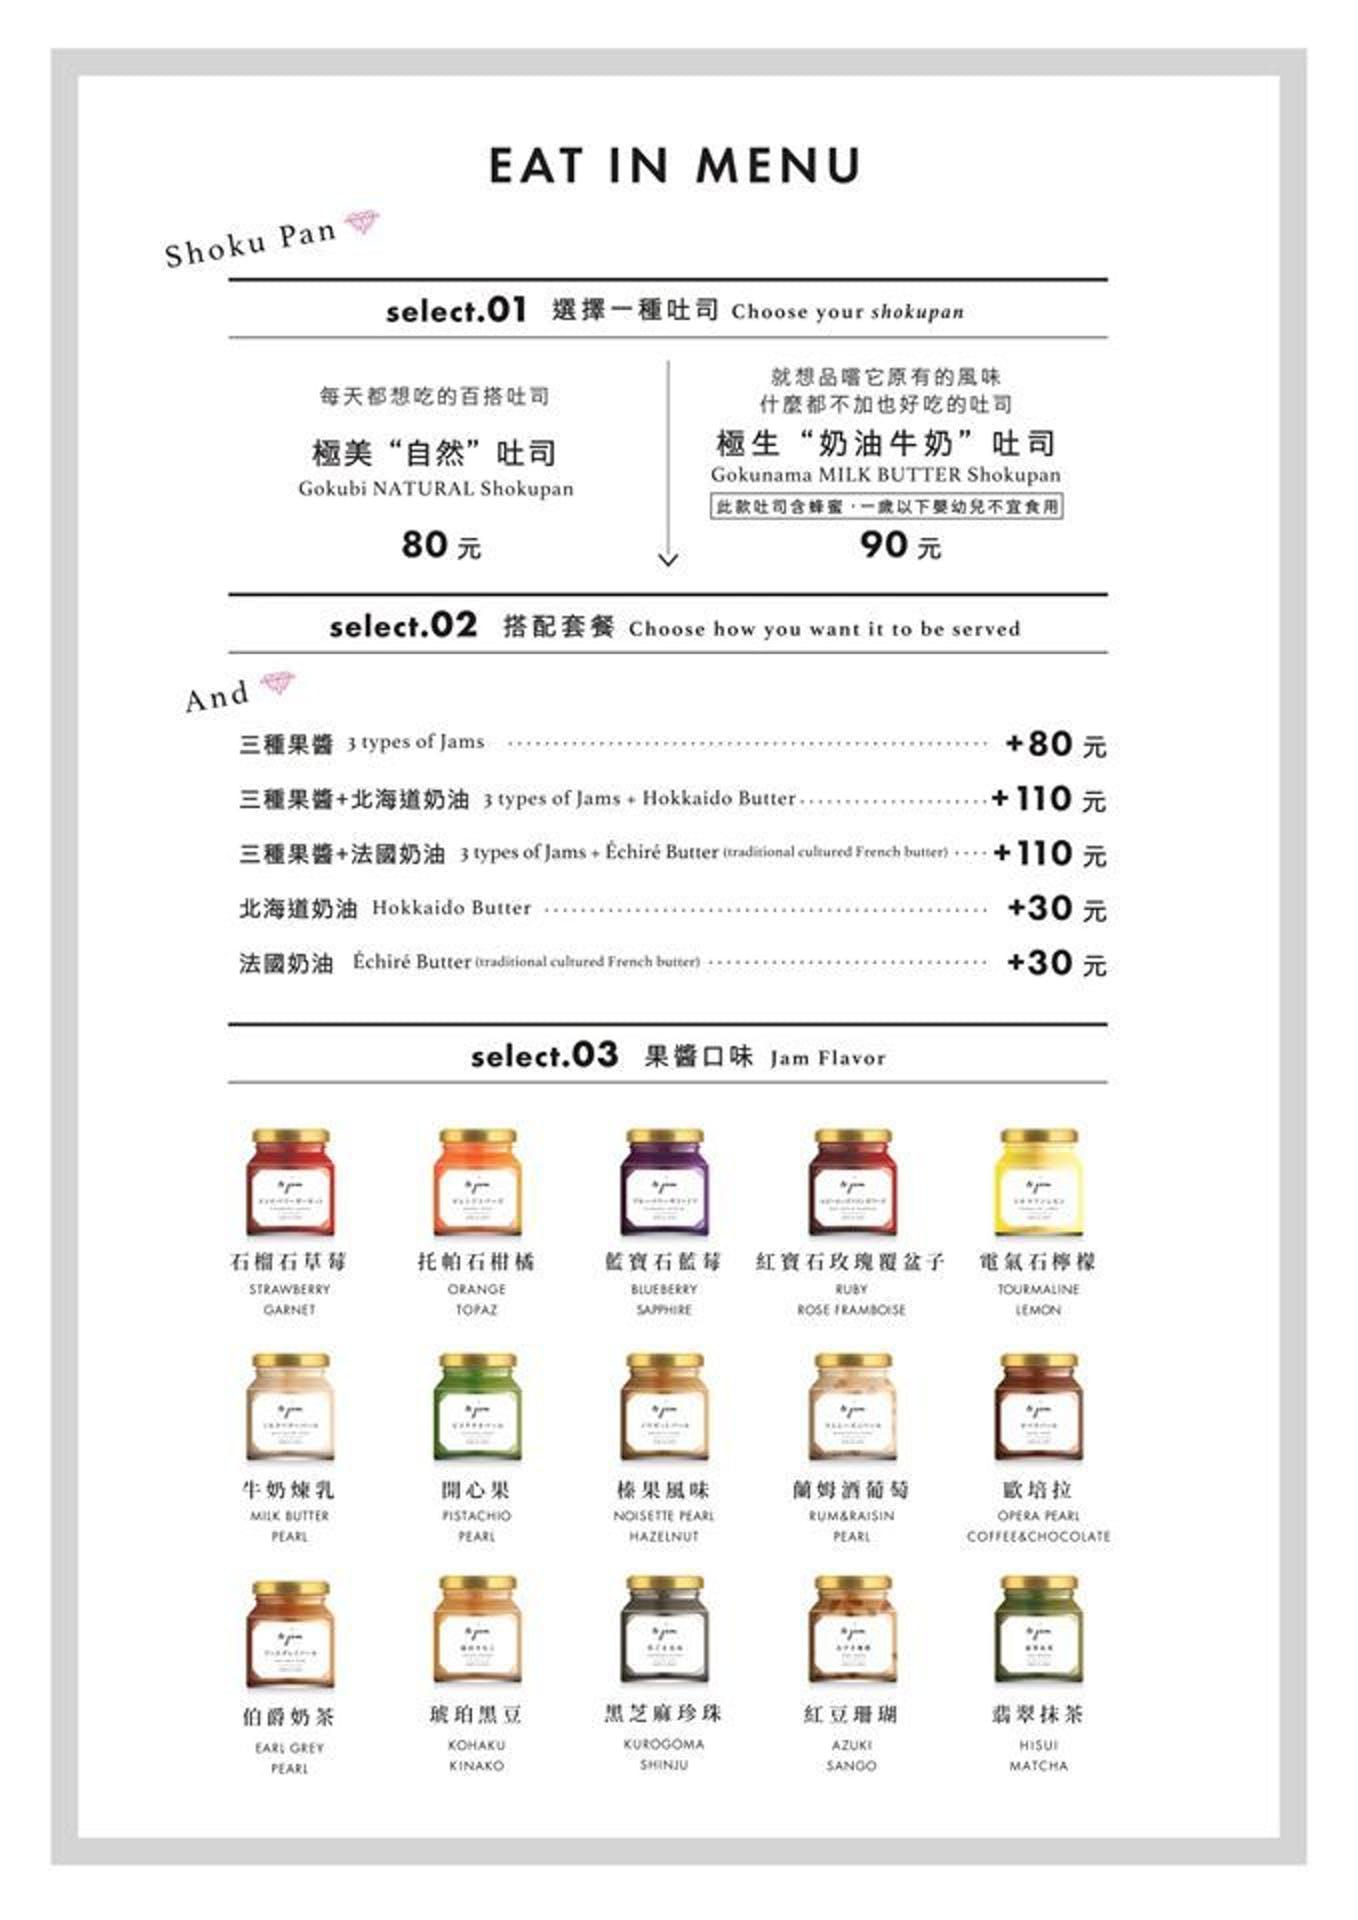 嵜本高級生吐司專門店 SAKImoto Bakery:日本第一生吐司品牌,內用開放網路預約 @飛天璇的口袋